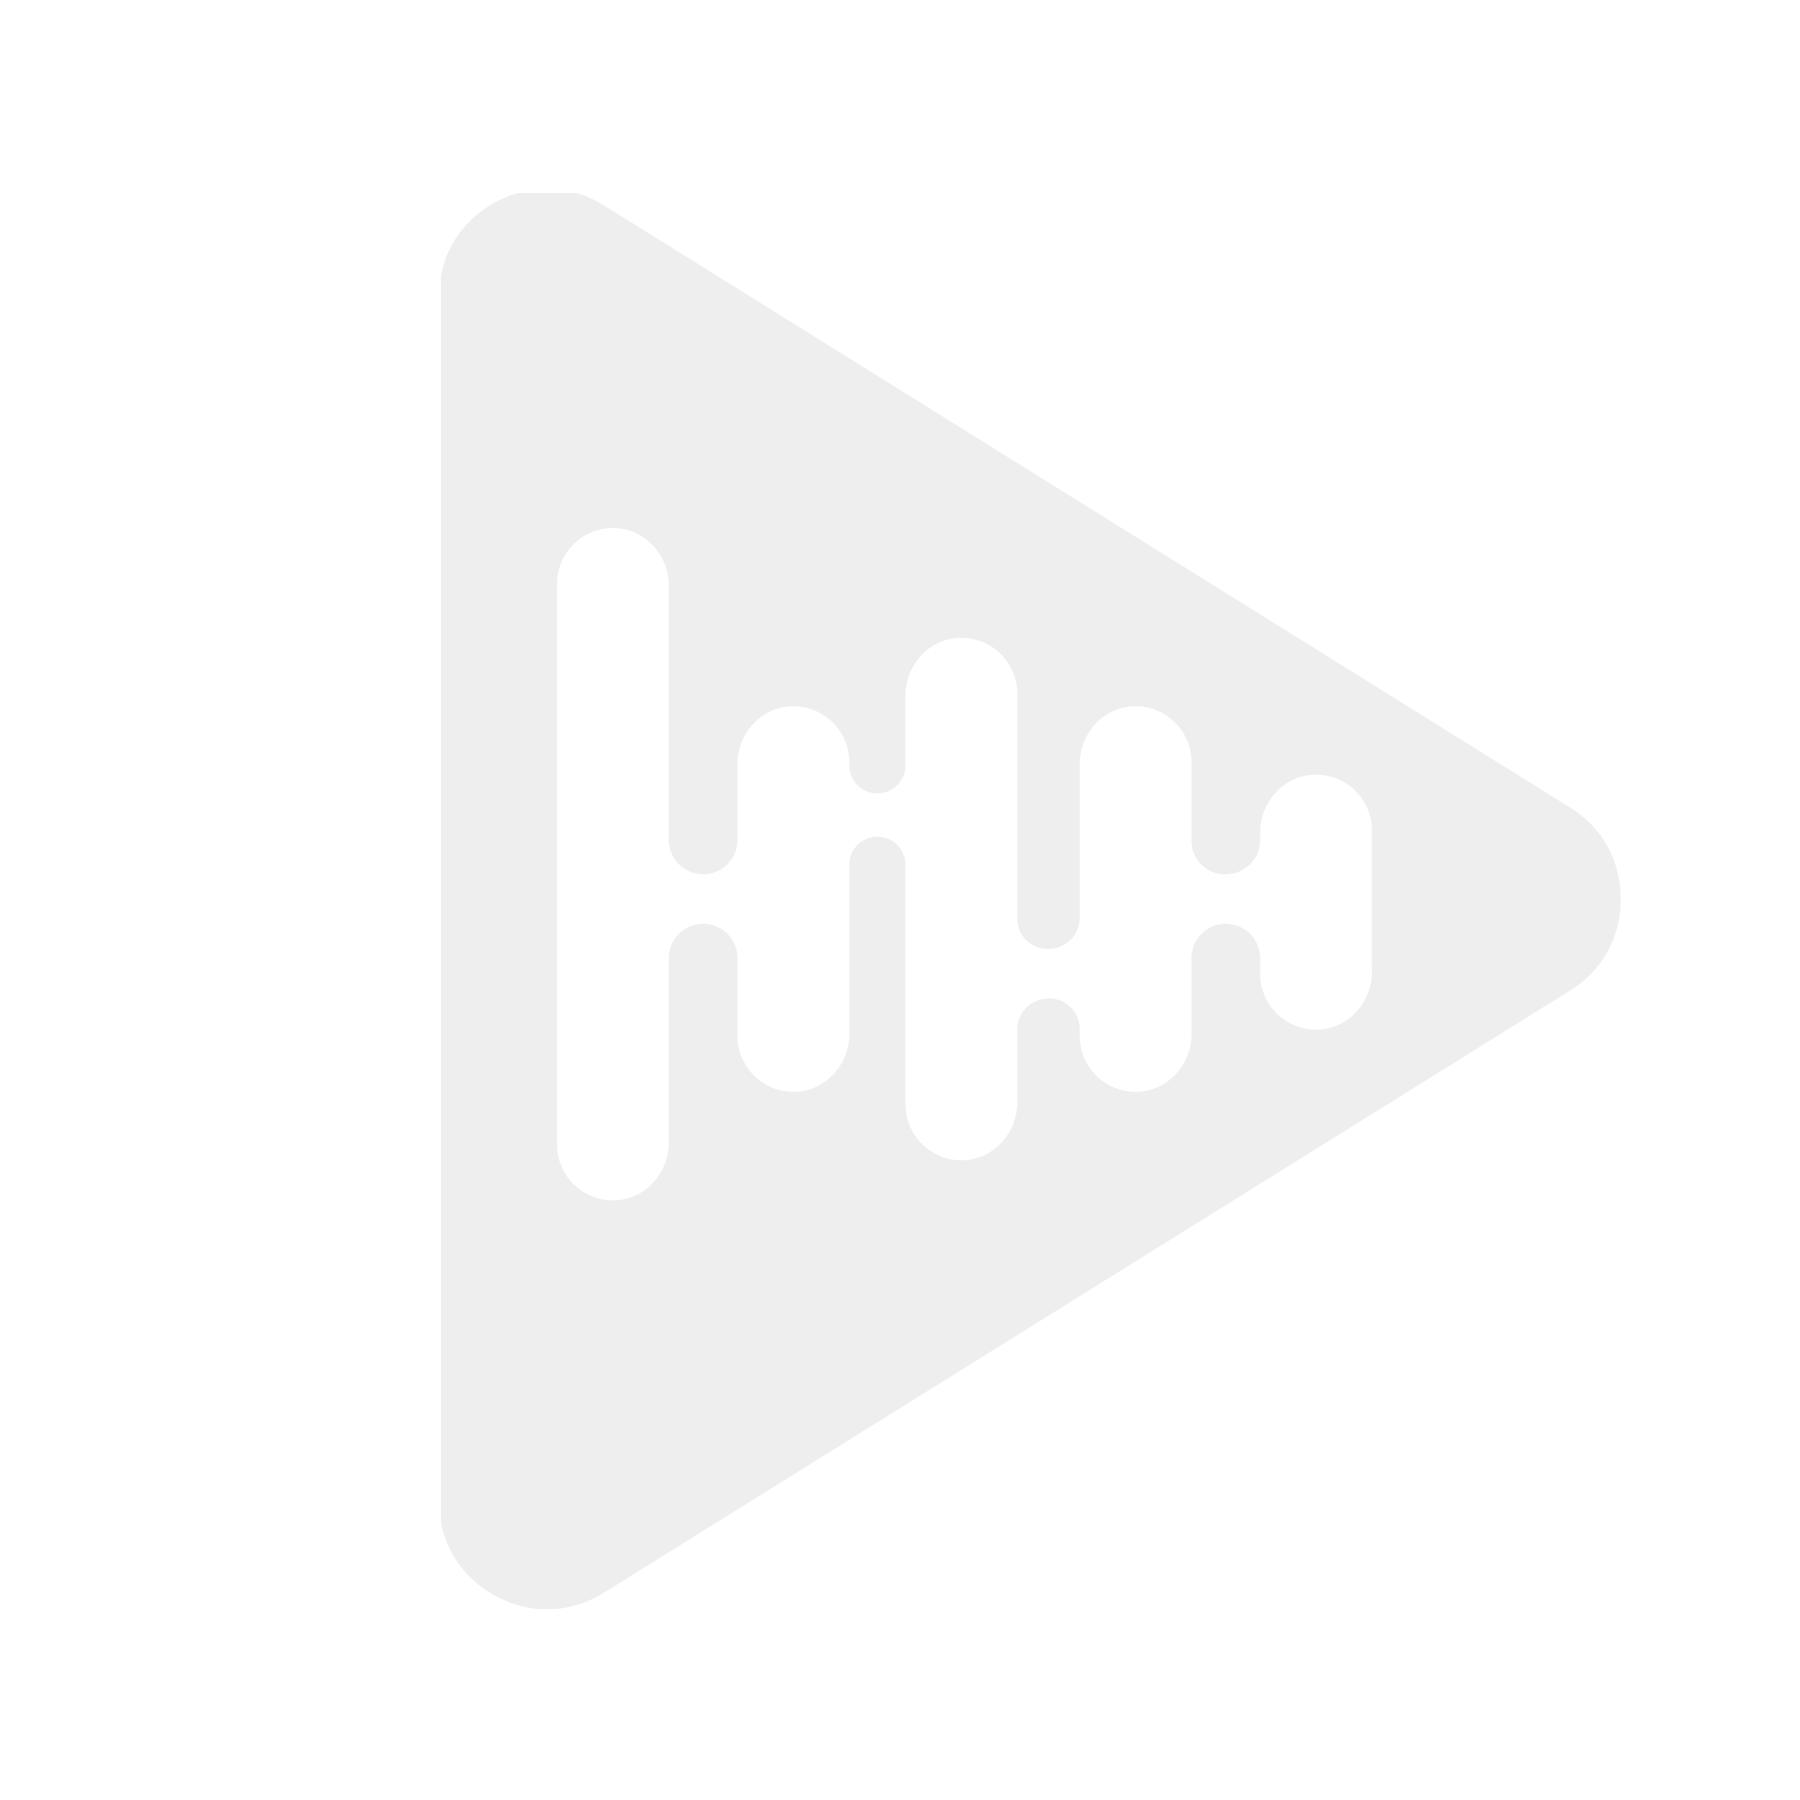 ACV 42SRV006